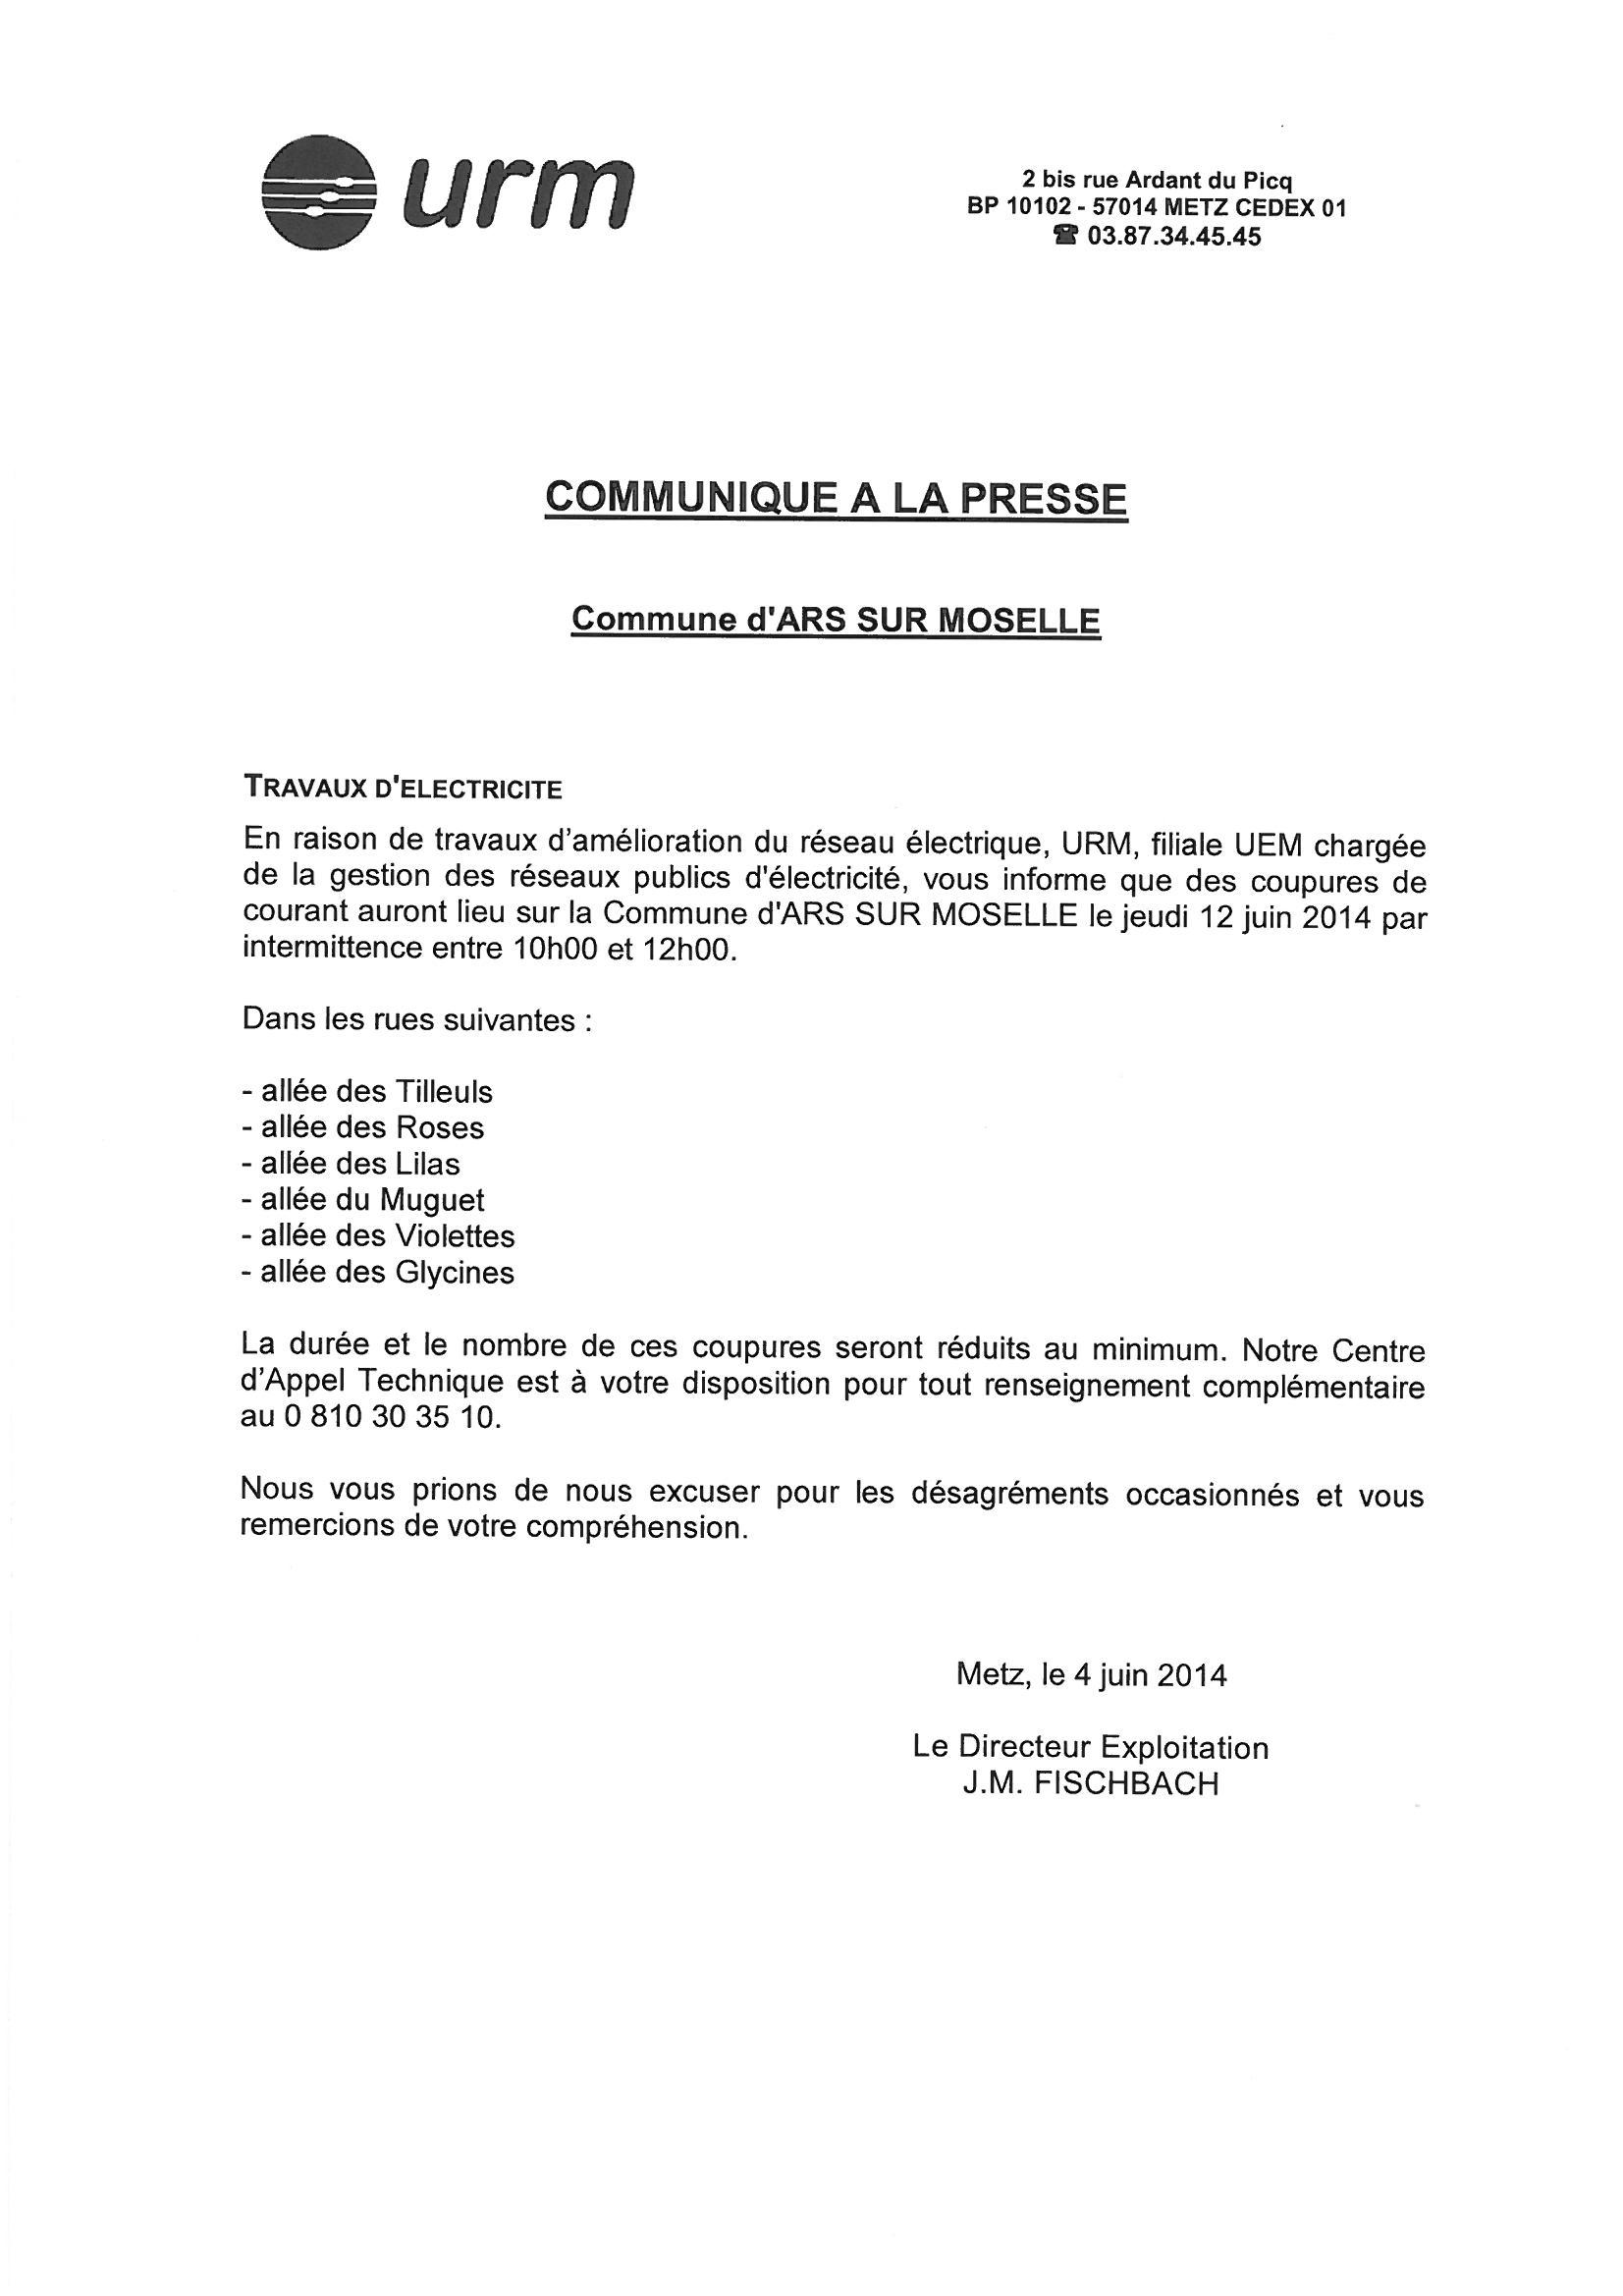 TRAVAUX D'ELECTRICITE URM  jeudi 12 juin